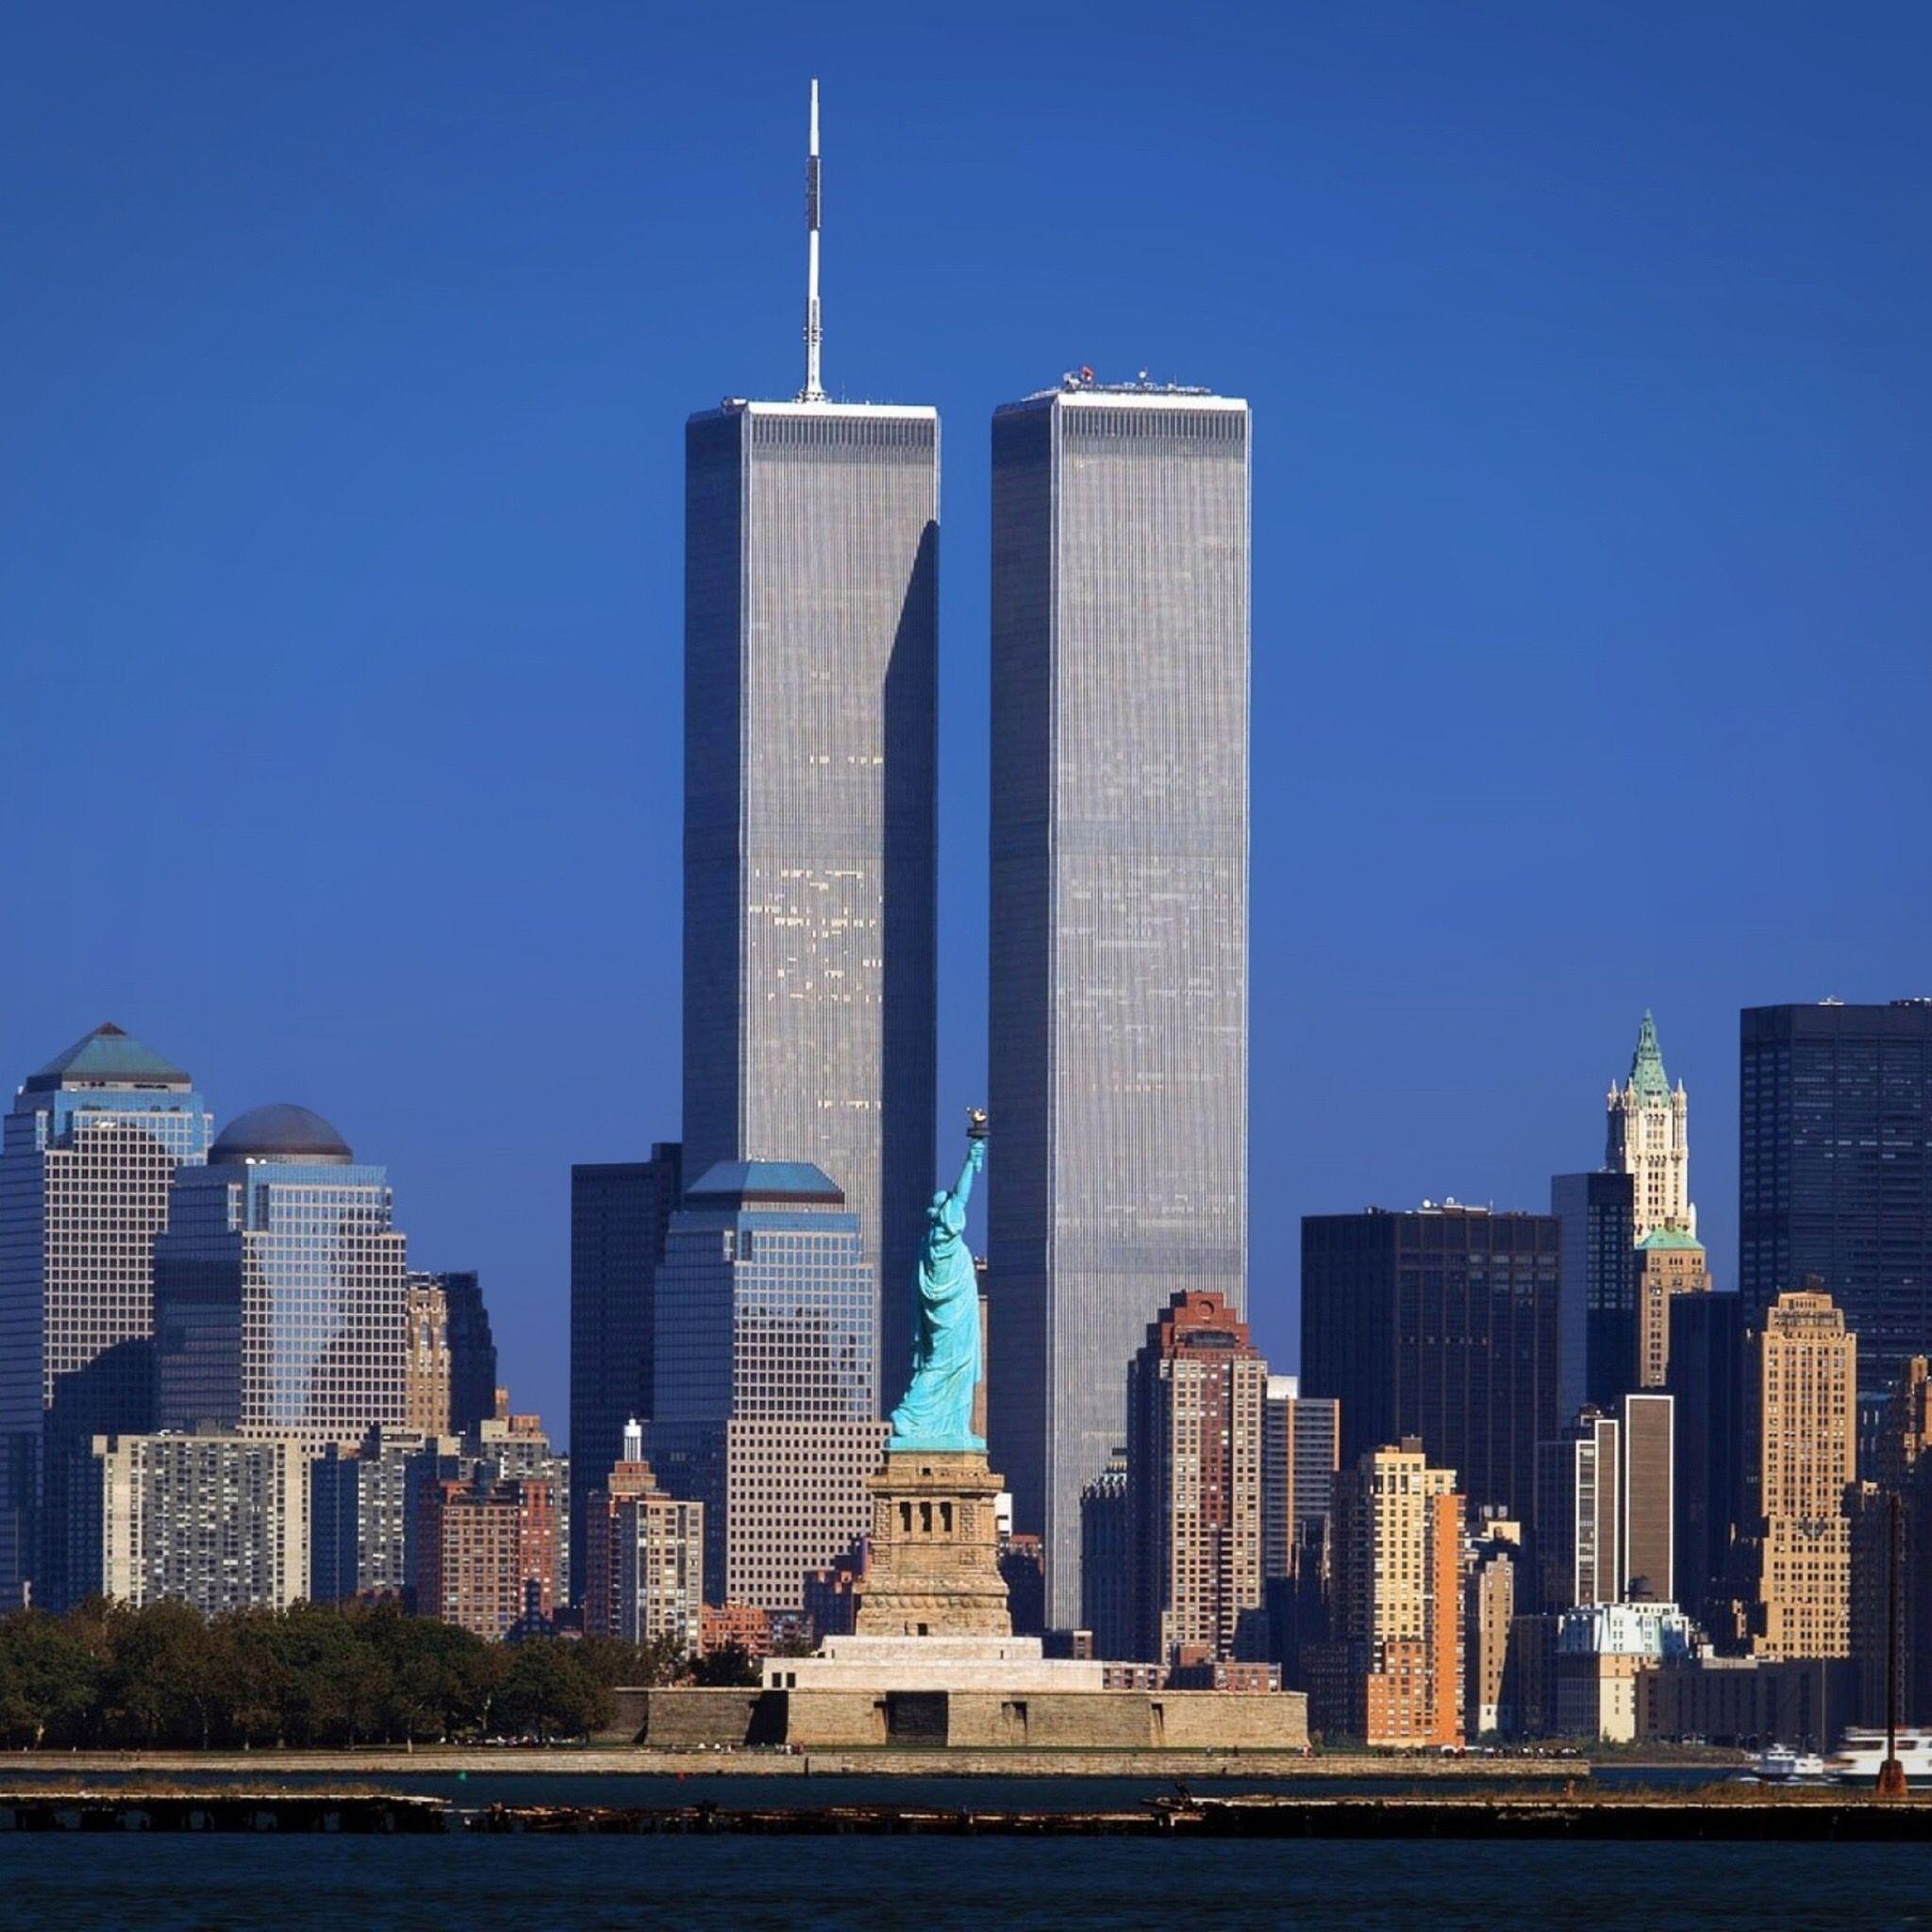 Pin de Vicki Noordermeer em Awesome Photographs | Comércio mundial, Arranha  ceu, New york skyline